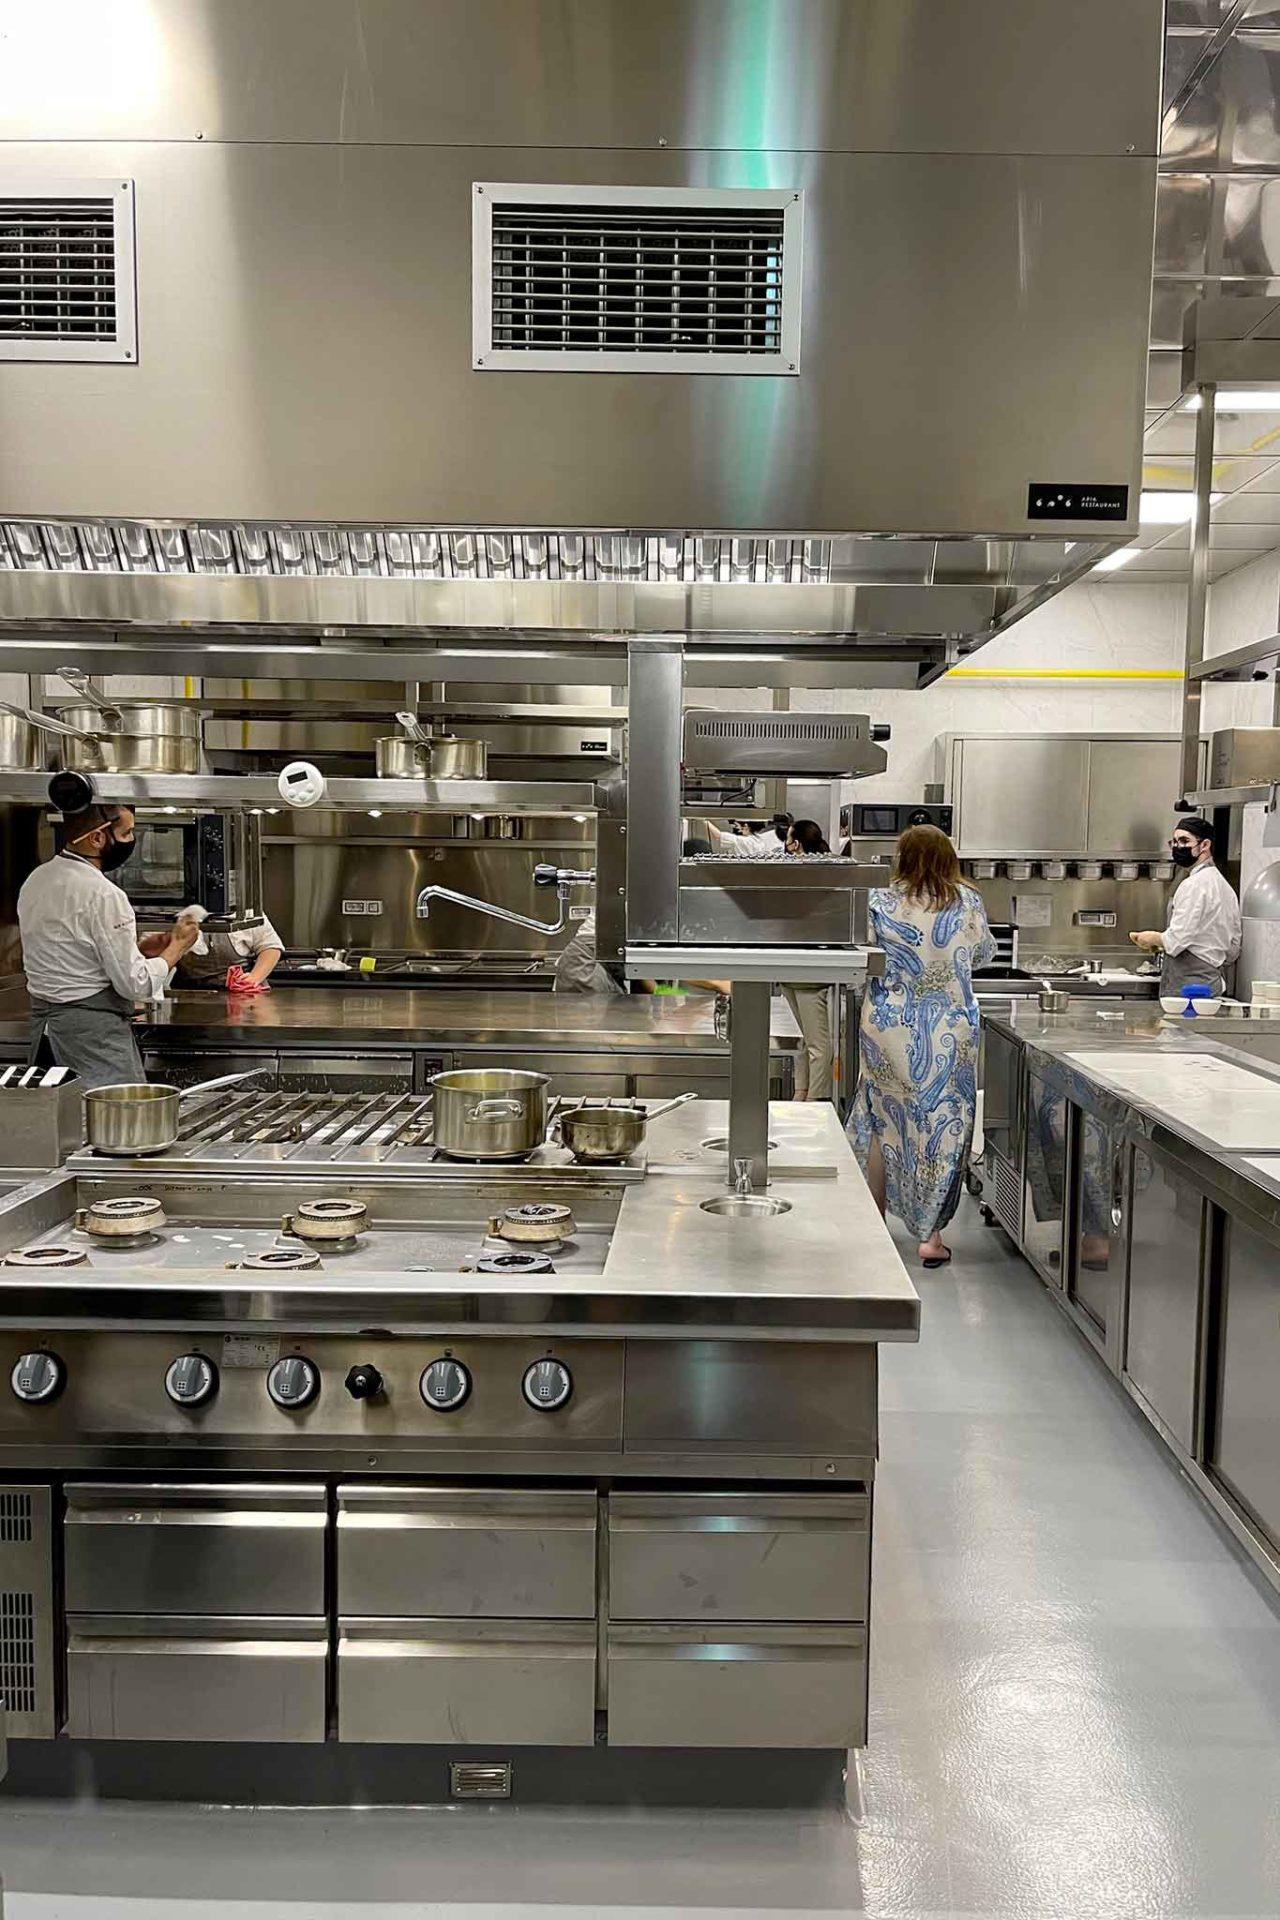 cucina ristorante Aria a Napoli